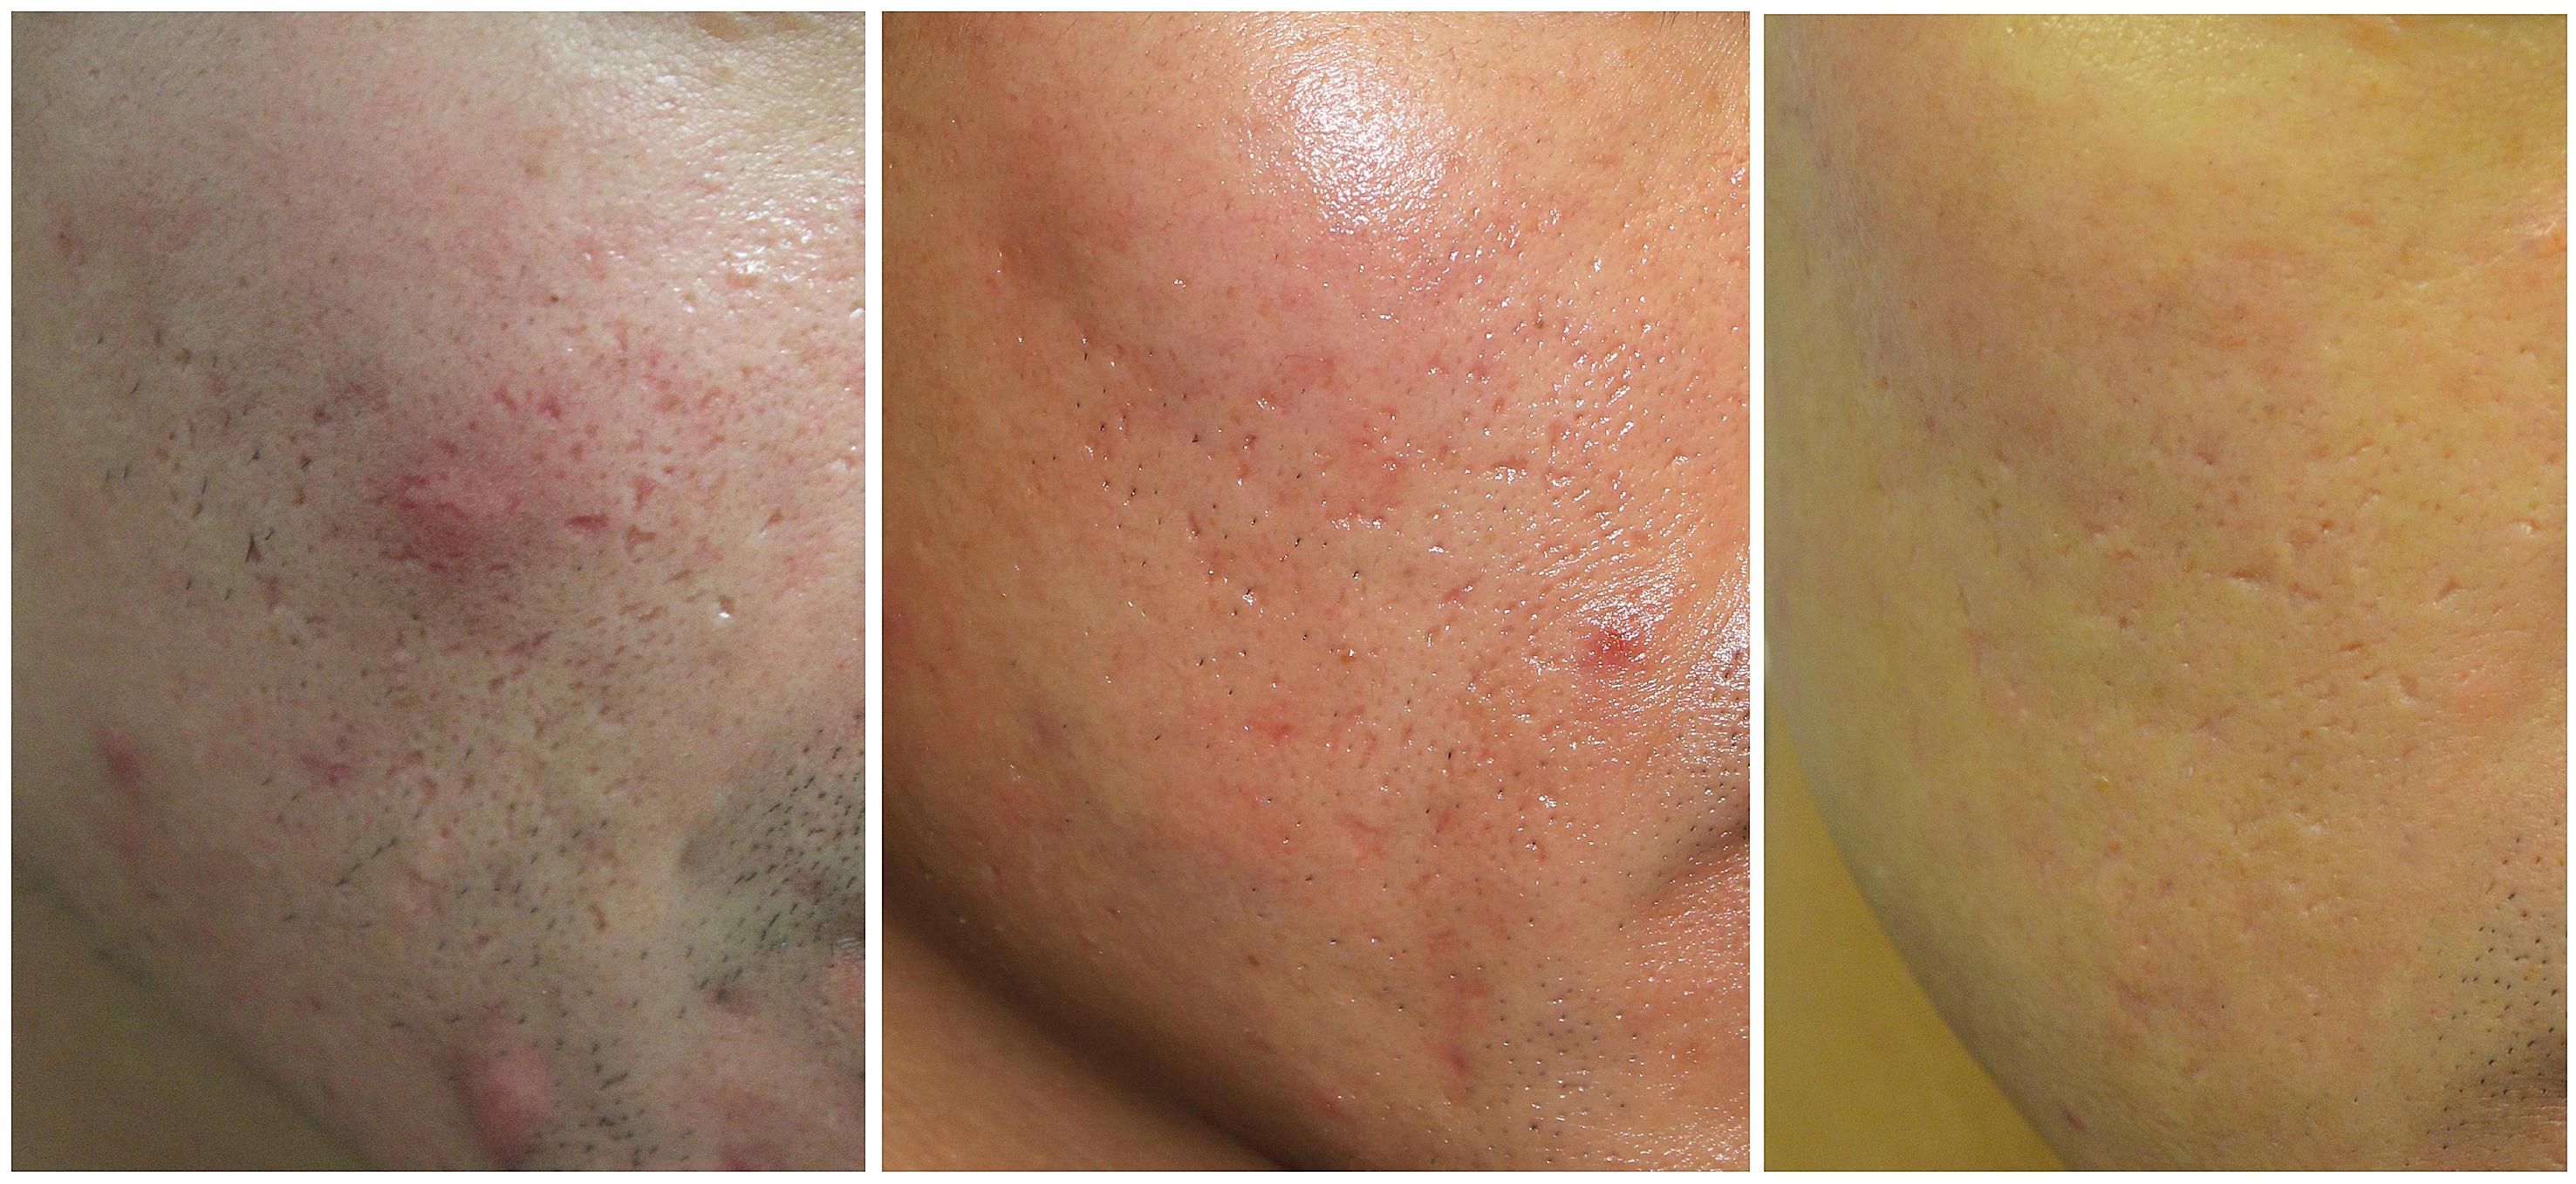 A imagem mostra os momentos antes, durante e depois do tratamento. A frequência do tratamento deve ser uma decisão do dermatologista.